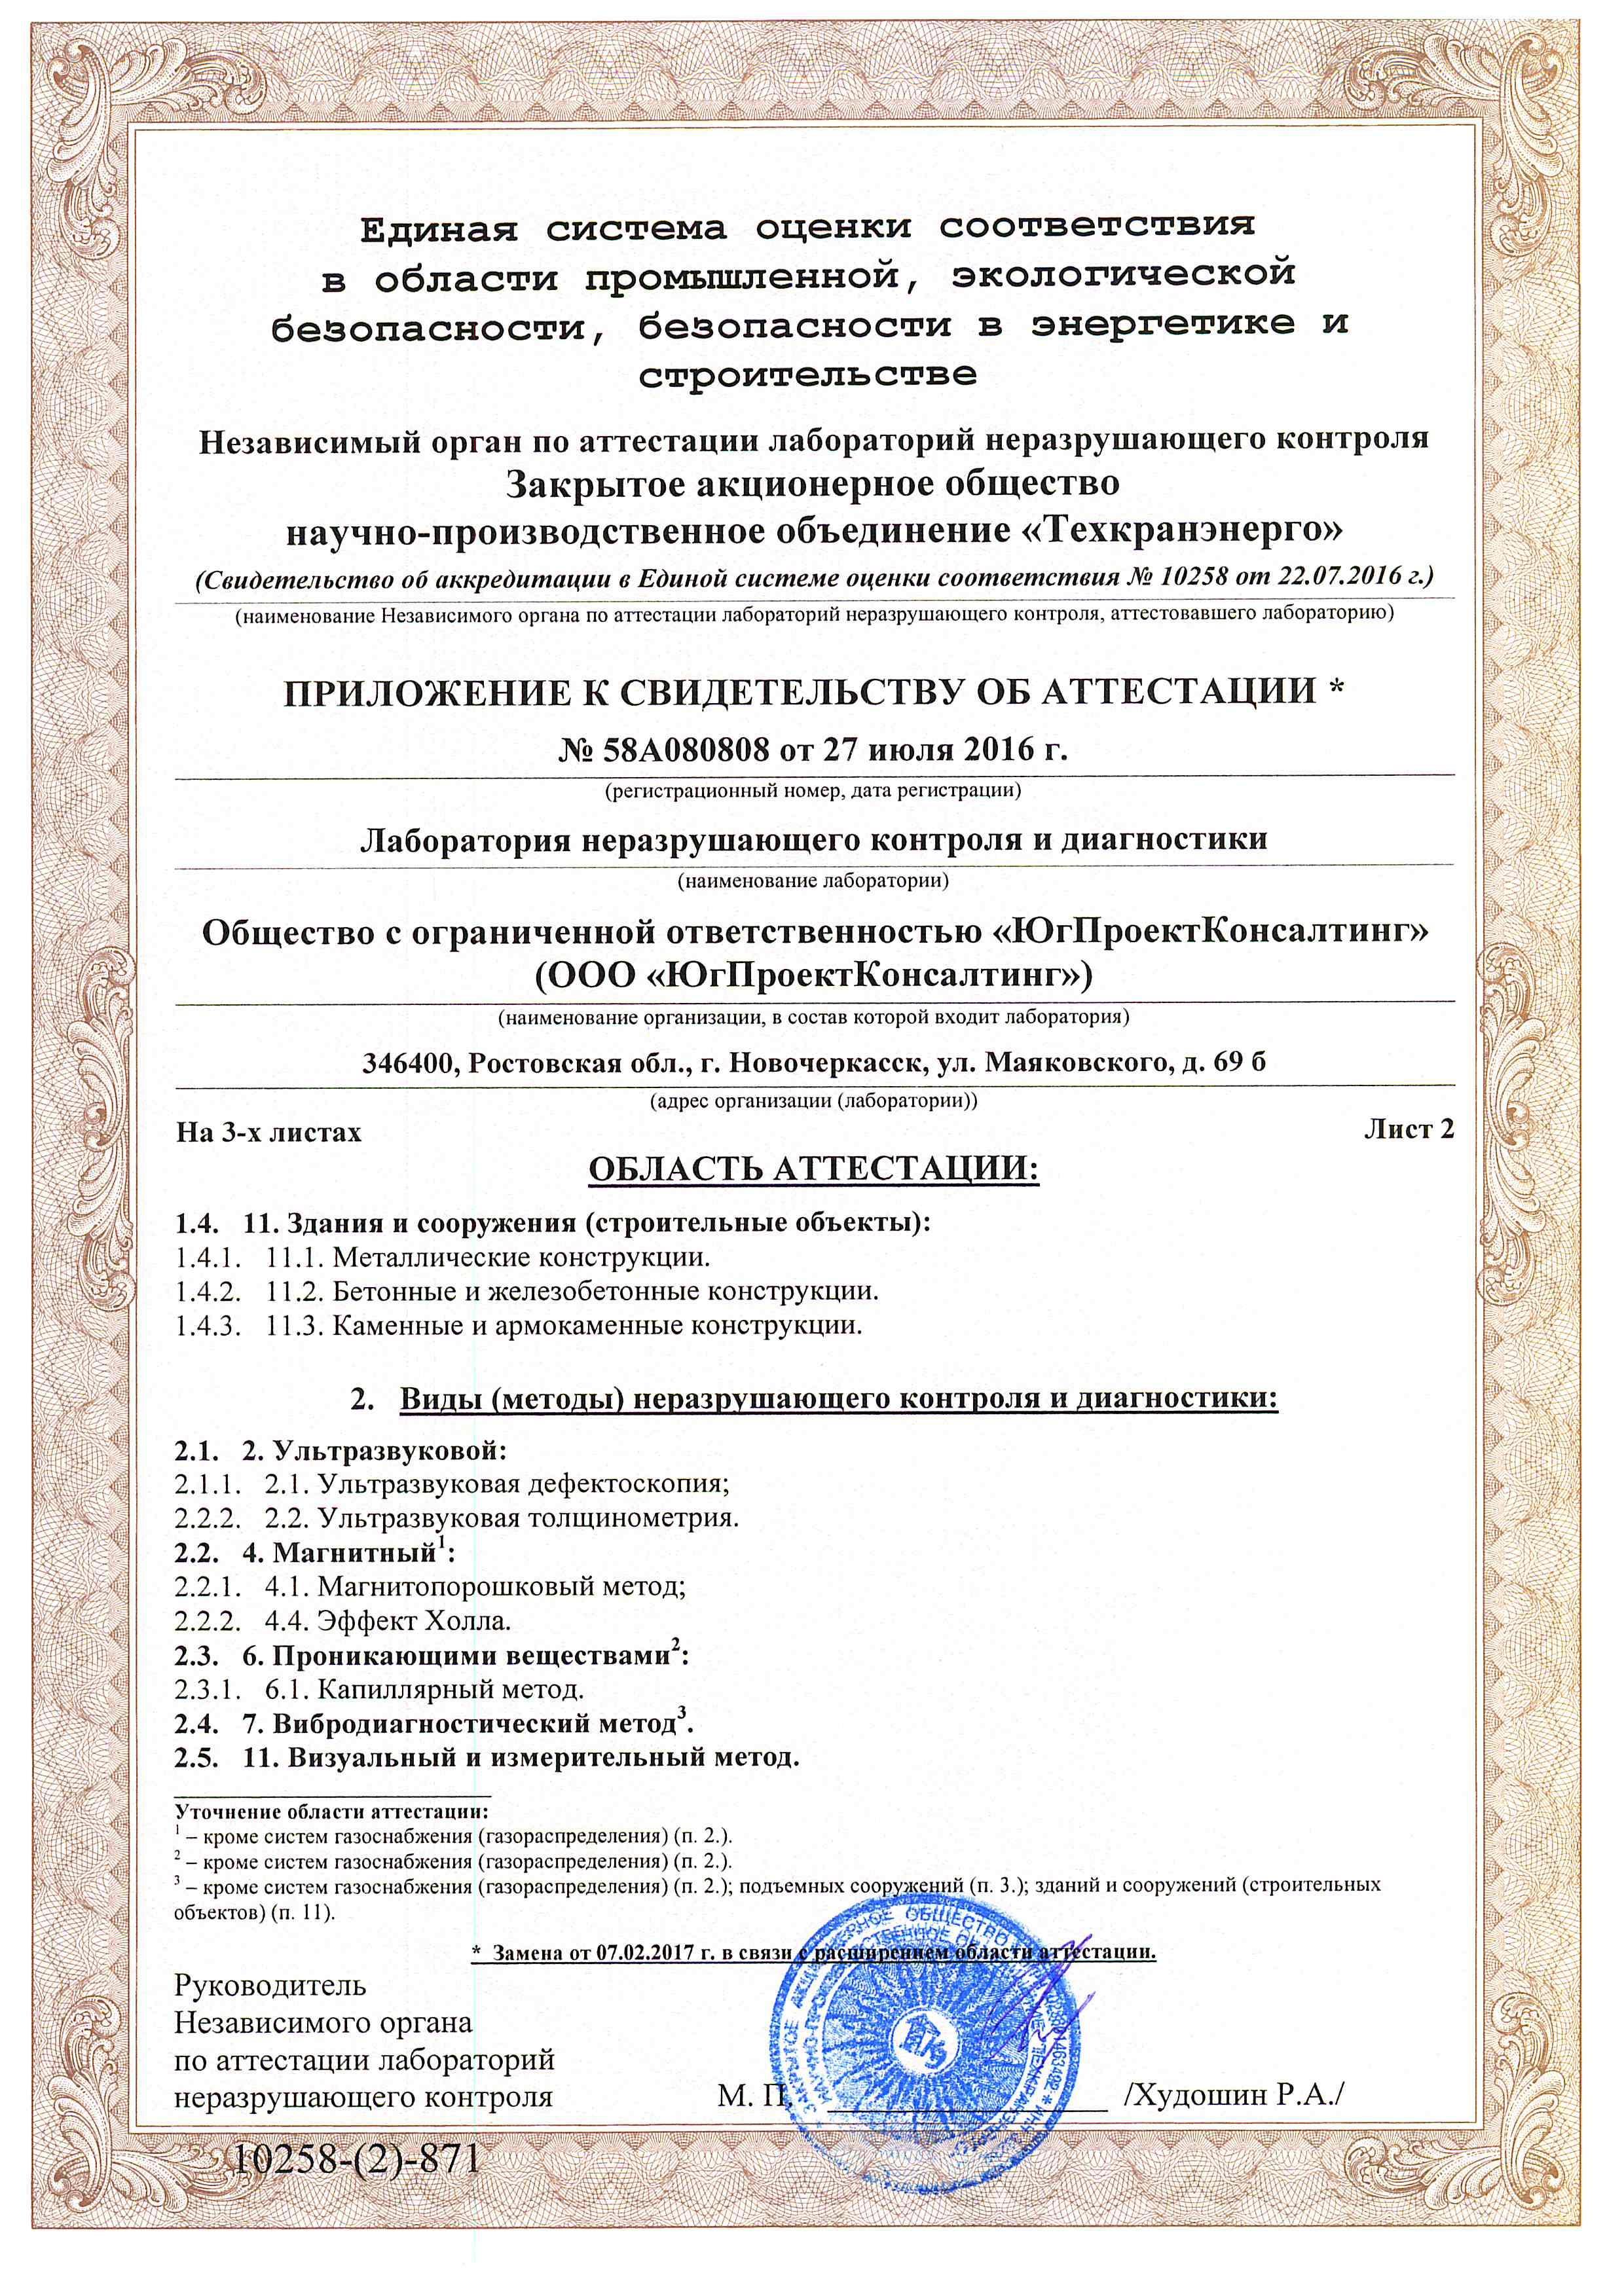 СВИДЕТЕЛЬСТВО ОБ АТТЕСТАЦИИ - лист № 2